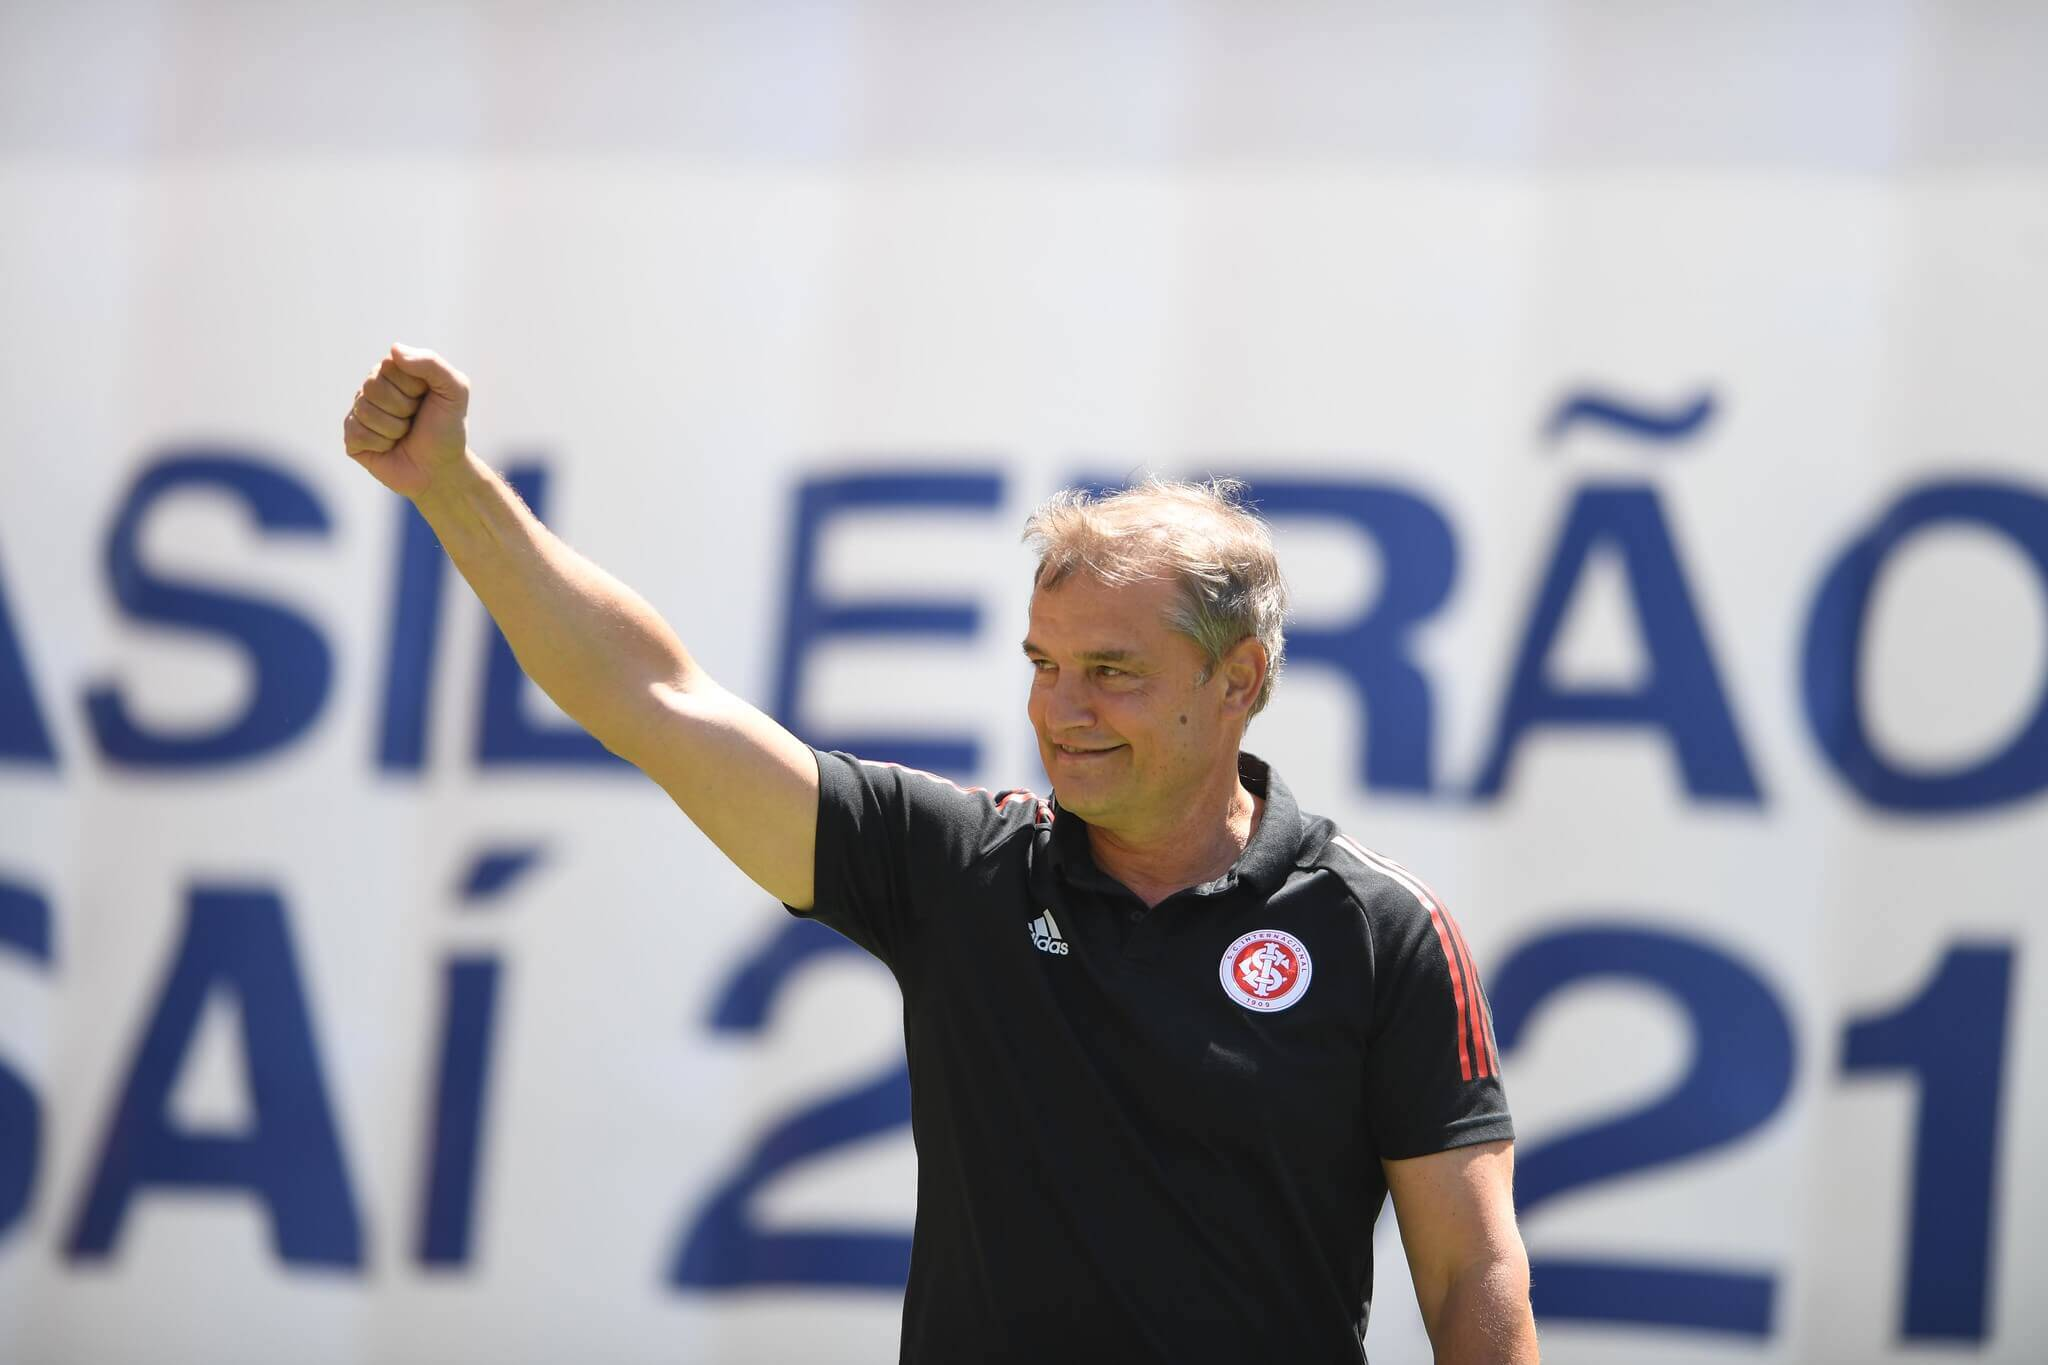 Foto: Ricardo Duarte / Inter